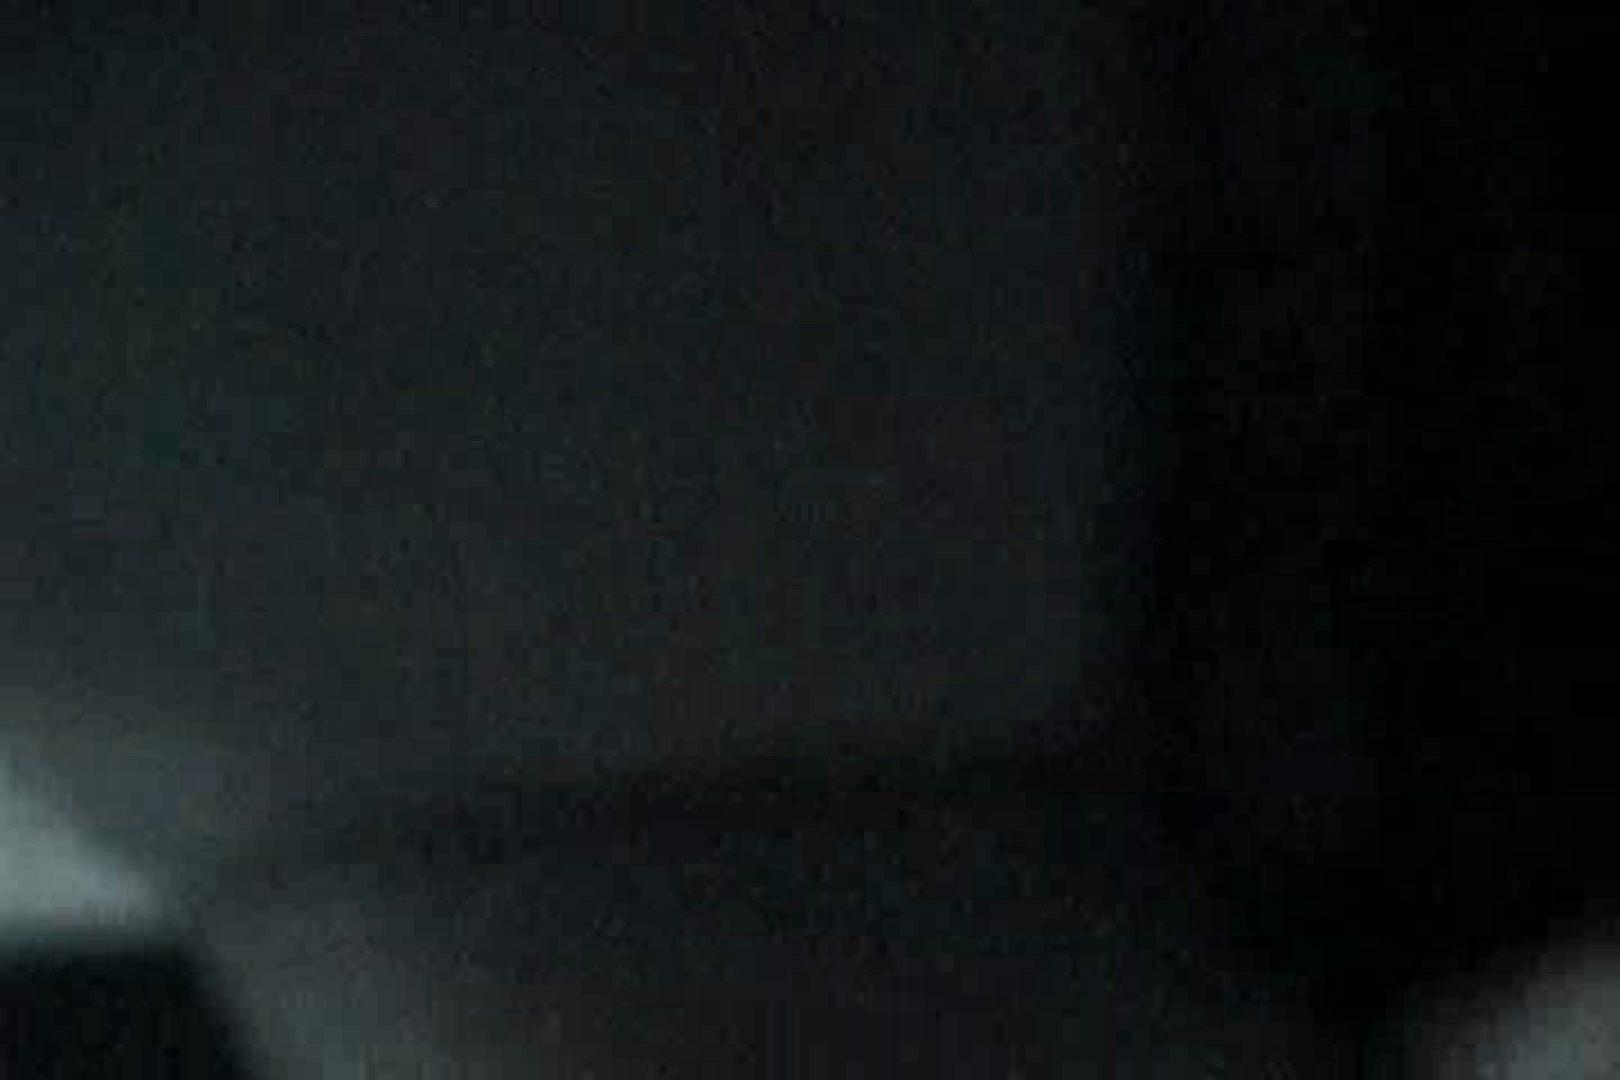 「充血監督」さんの深夜の運動会!! vol.136 赤外線 | カップルDEイチャイチャ  24連発 7